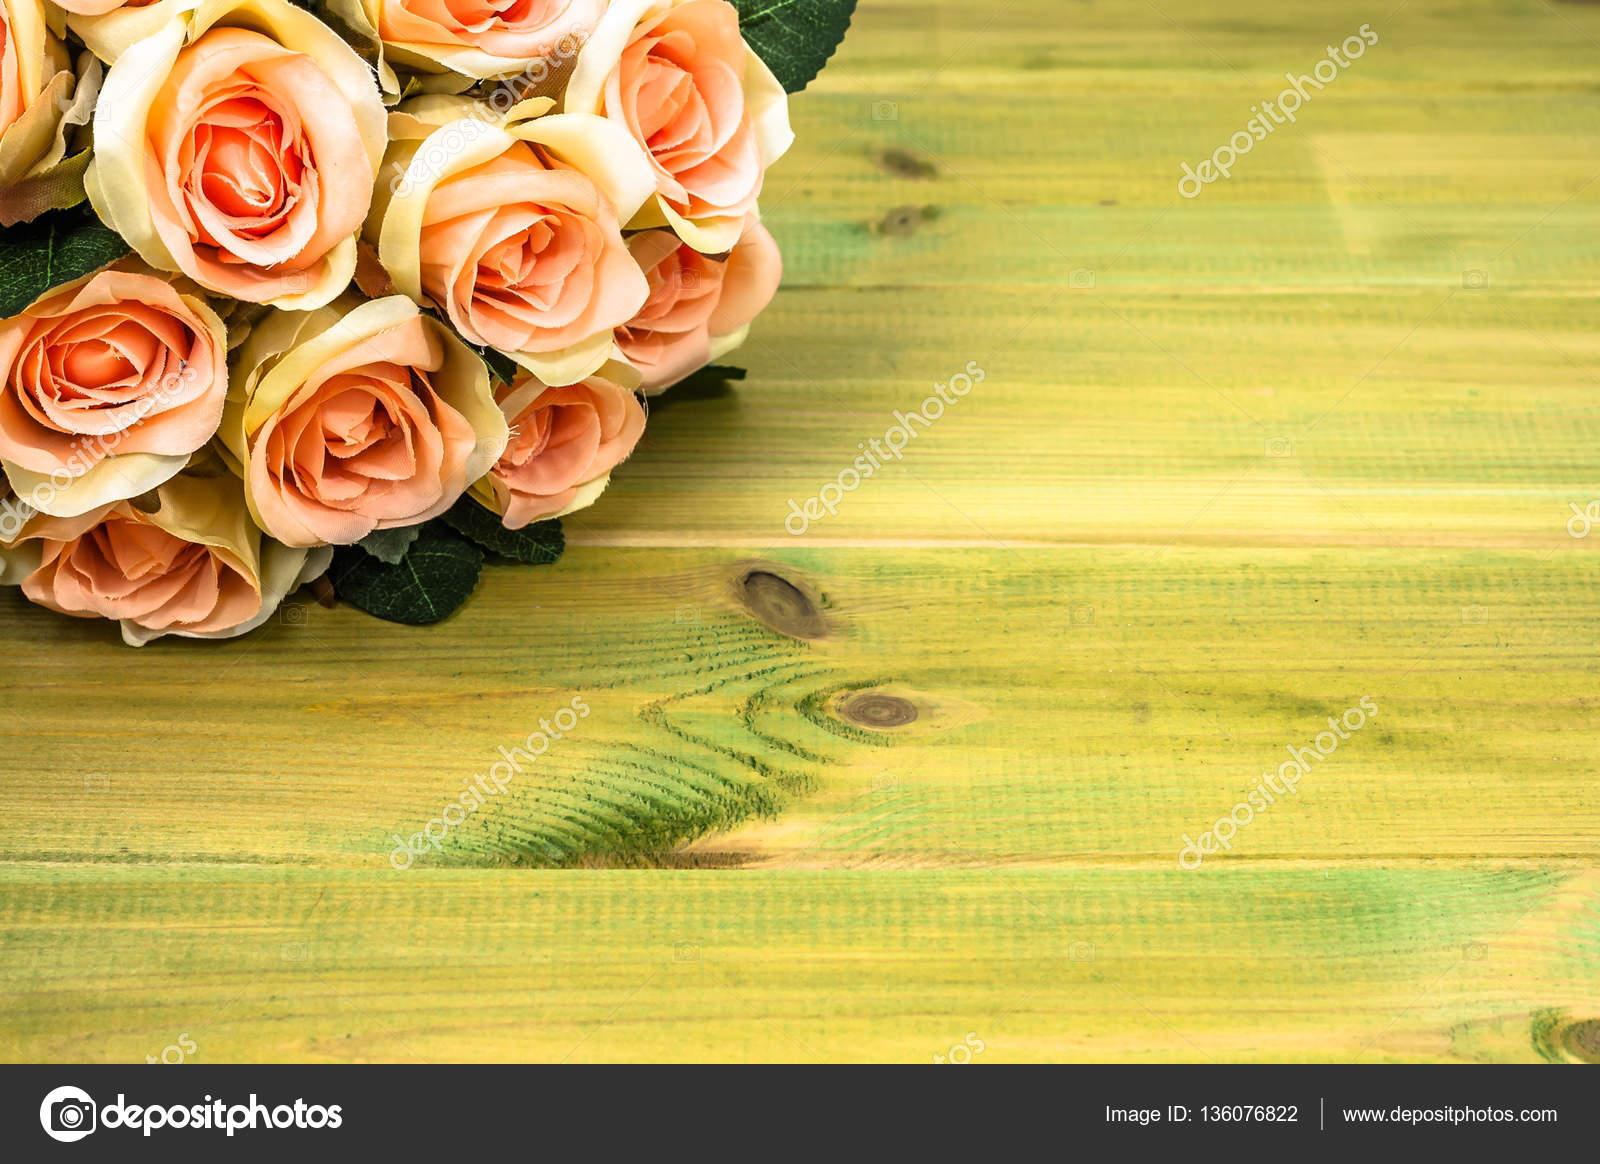 be3c02ca01234 Ramo de rosas para la tarjeta del día de San Valentín